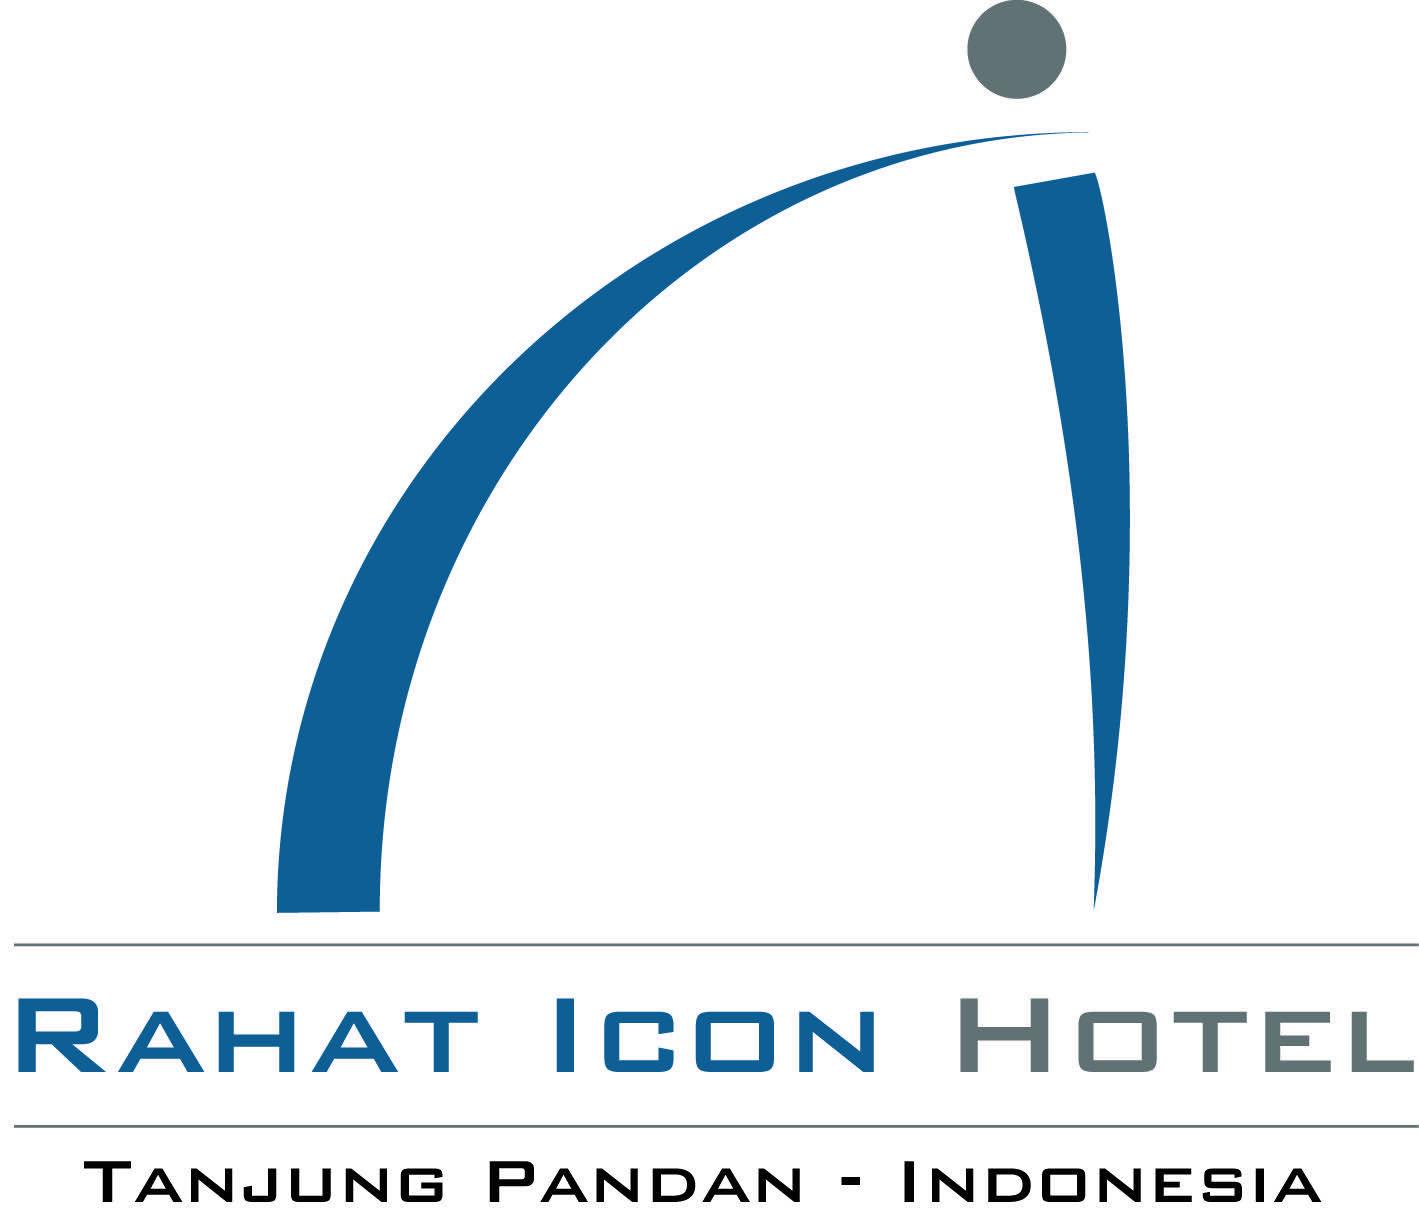 拉哈特圖標酒店